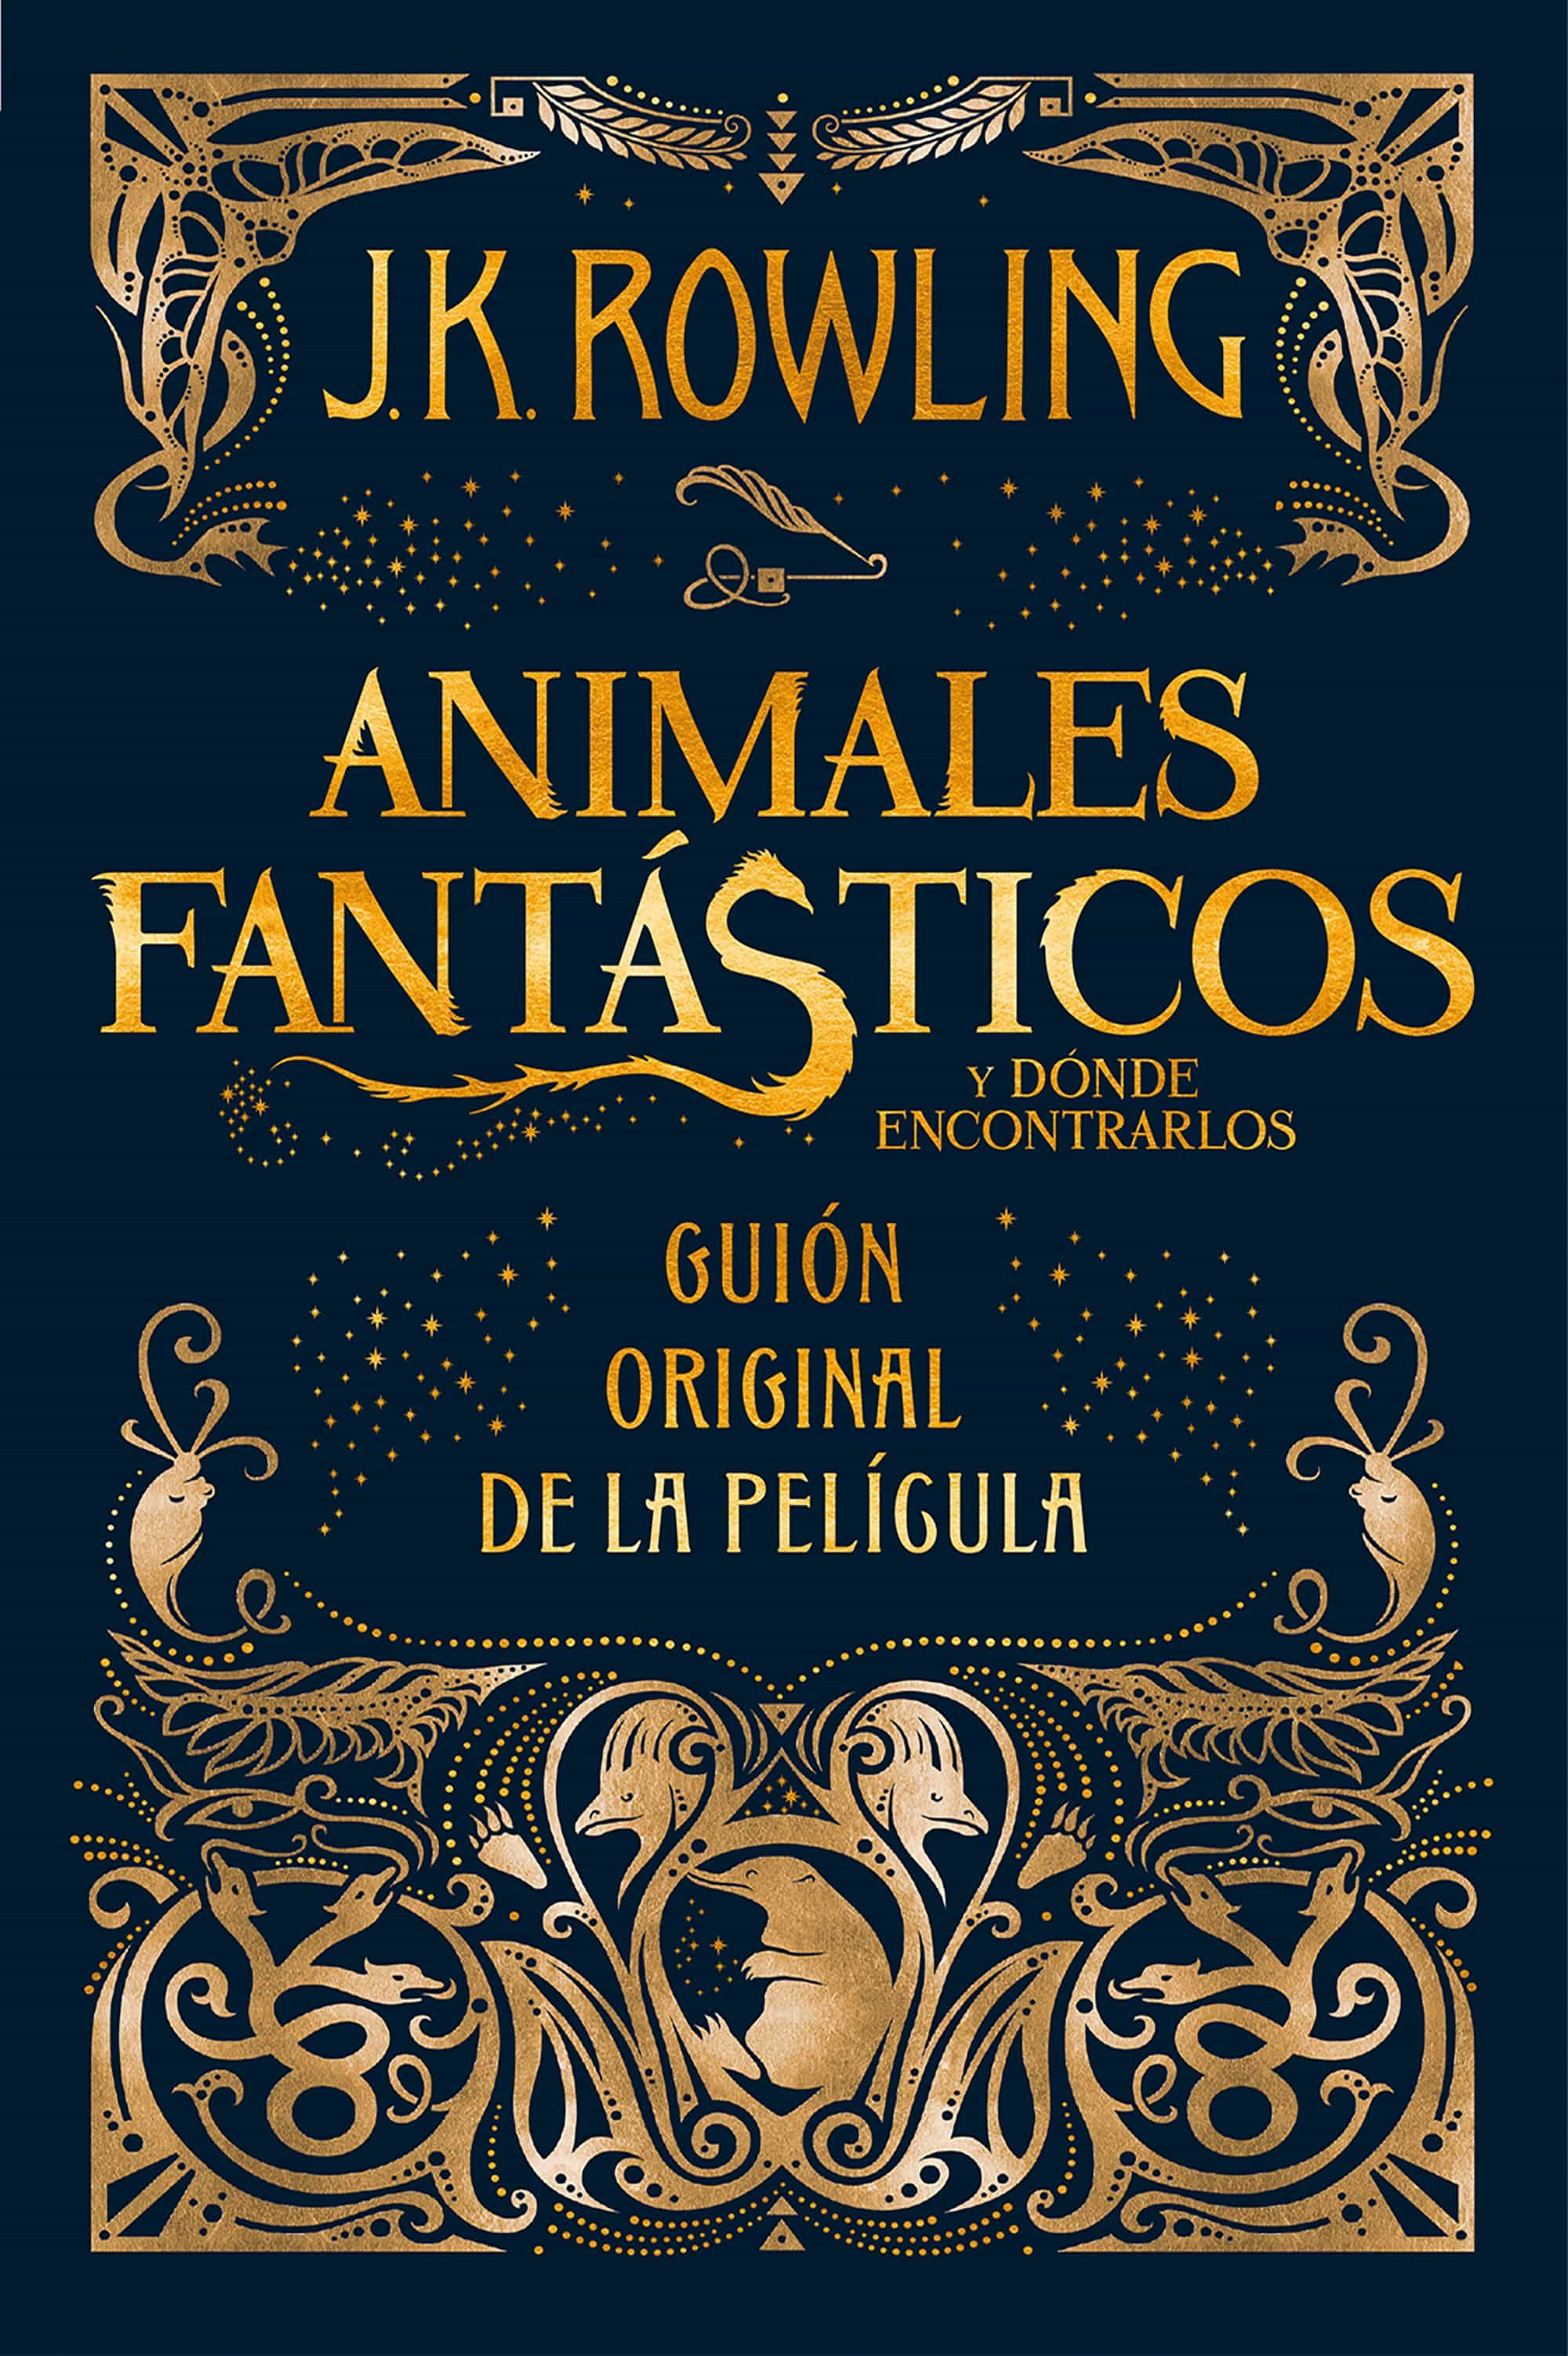 Resultado de imagen de animales fantásticos libros